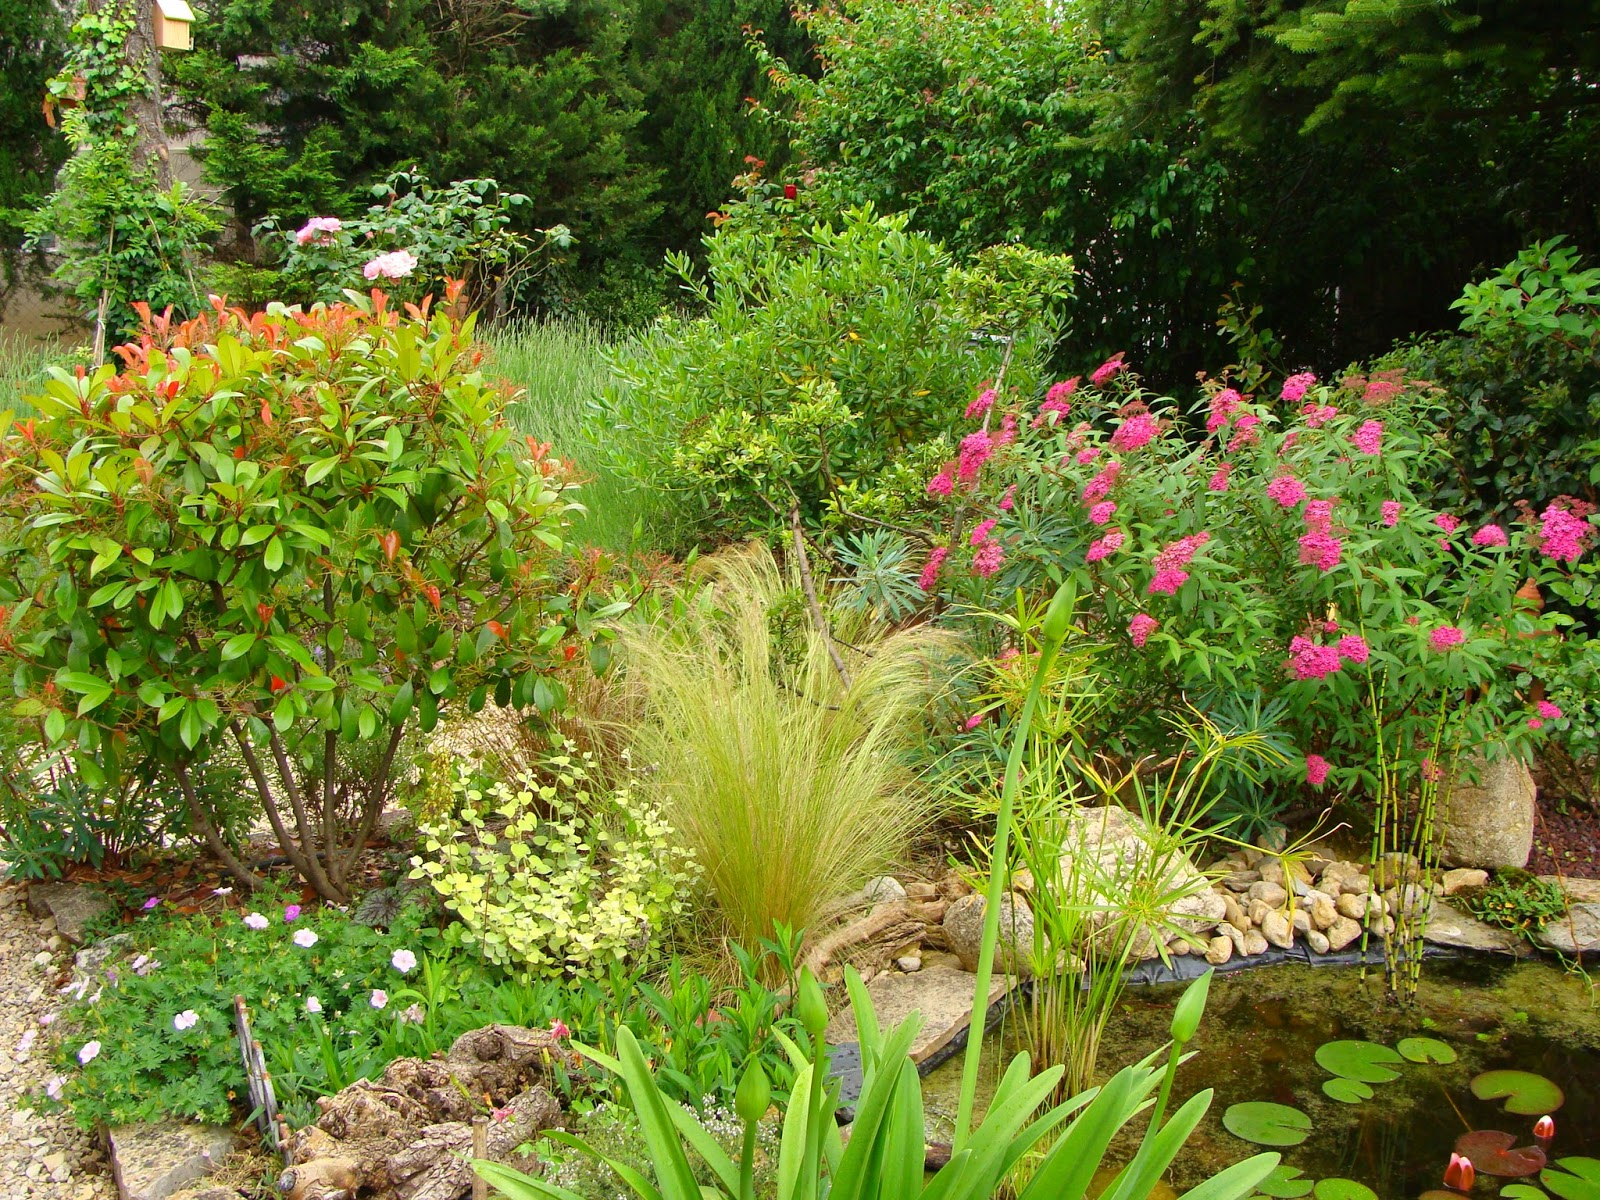 Jardine et ris ne jamais se moquer du physique d for Jardin jardine